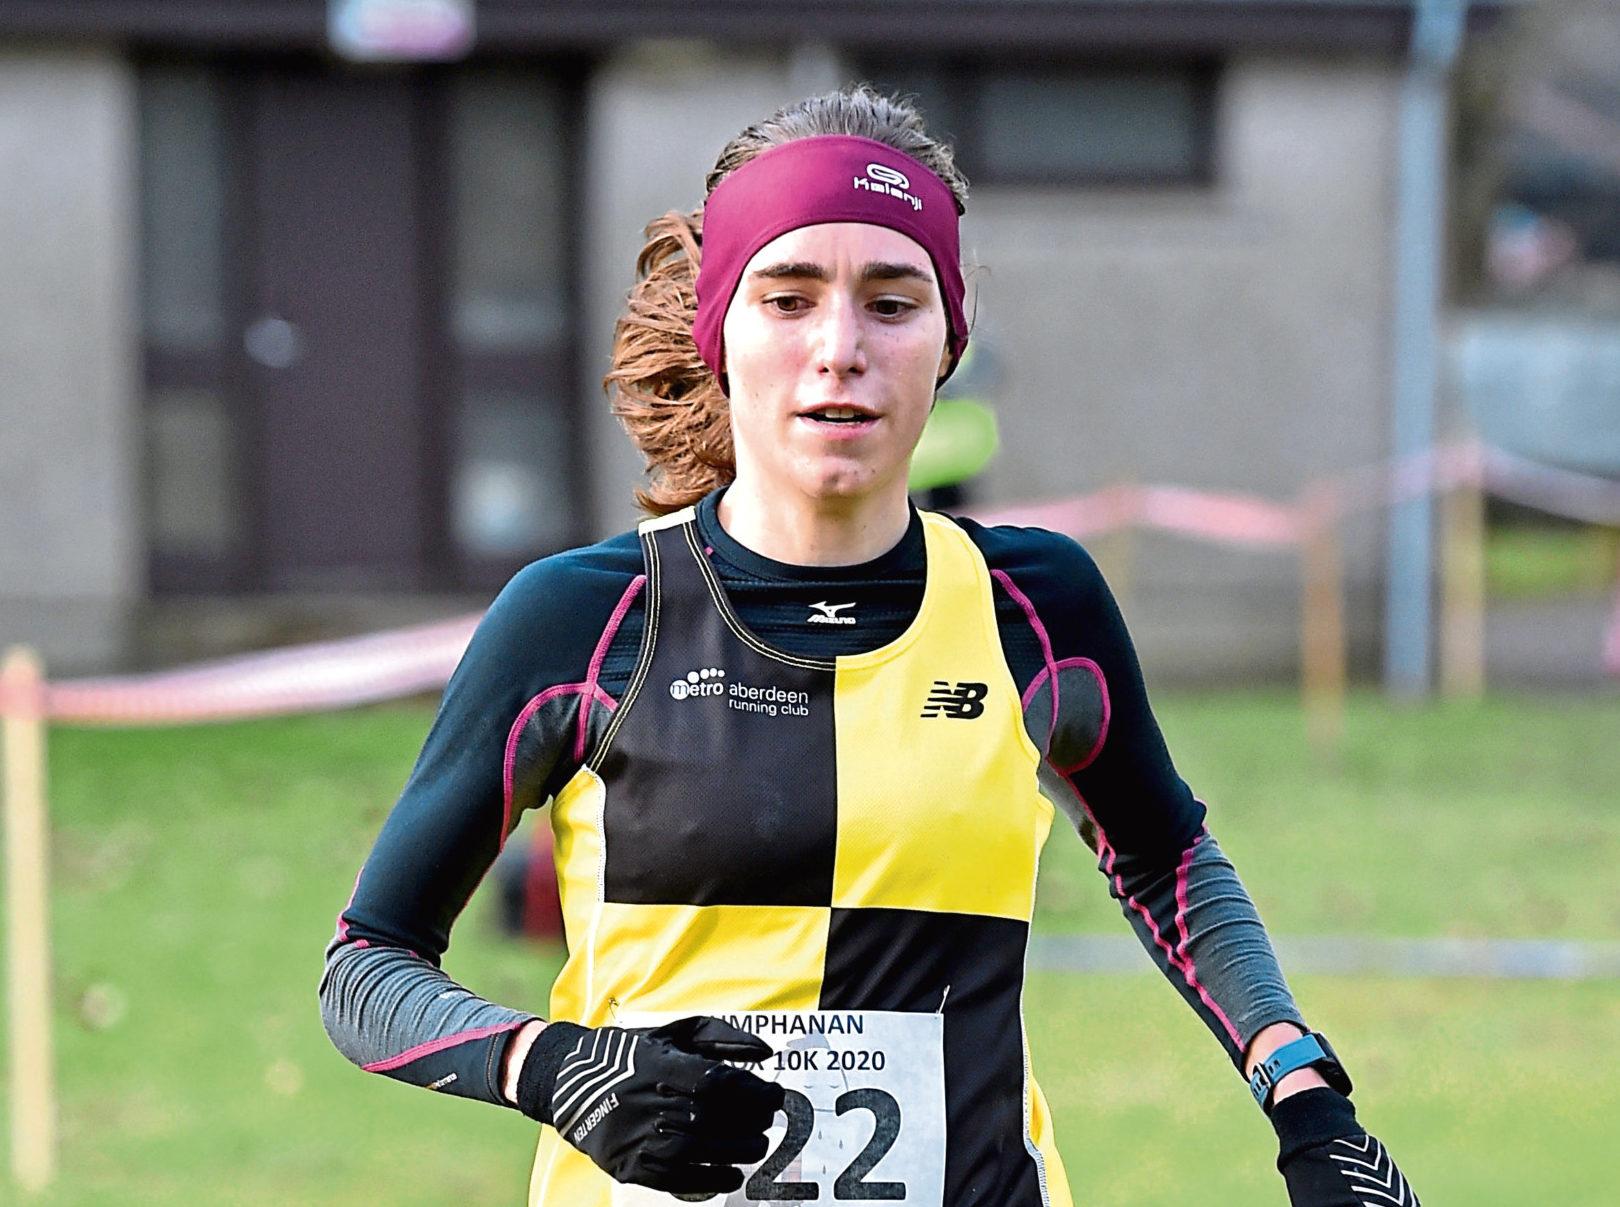 Lumphanan Detox 10k - Women winner Ginie Barrand. Picture by COLIN RENNIE